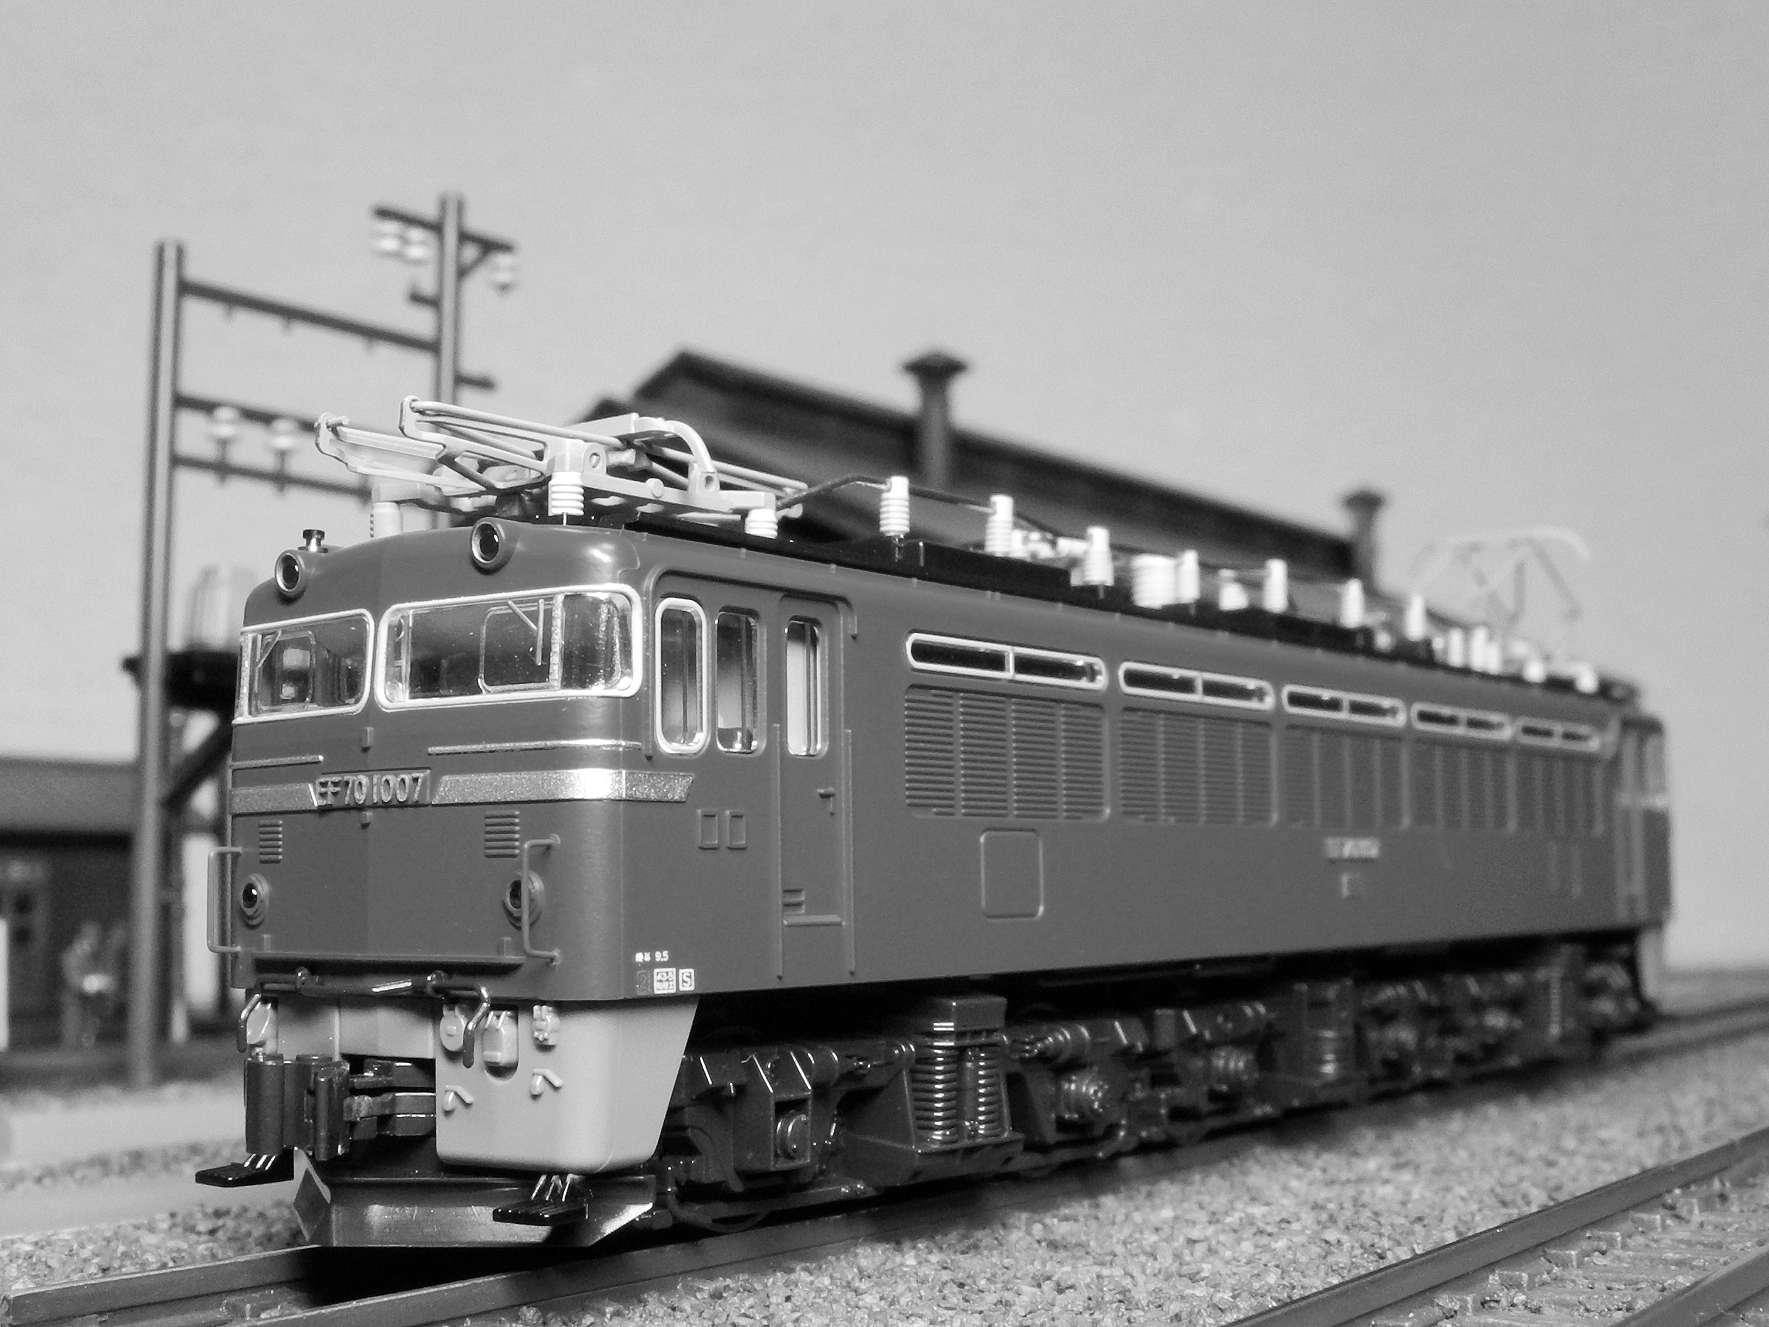 DSCN8012-1.jpg